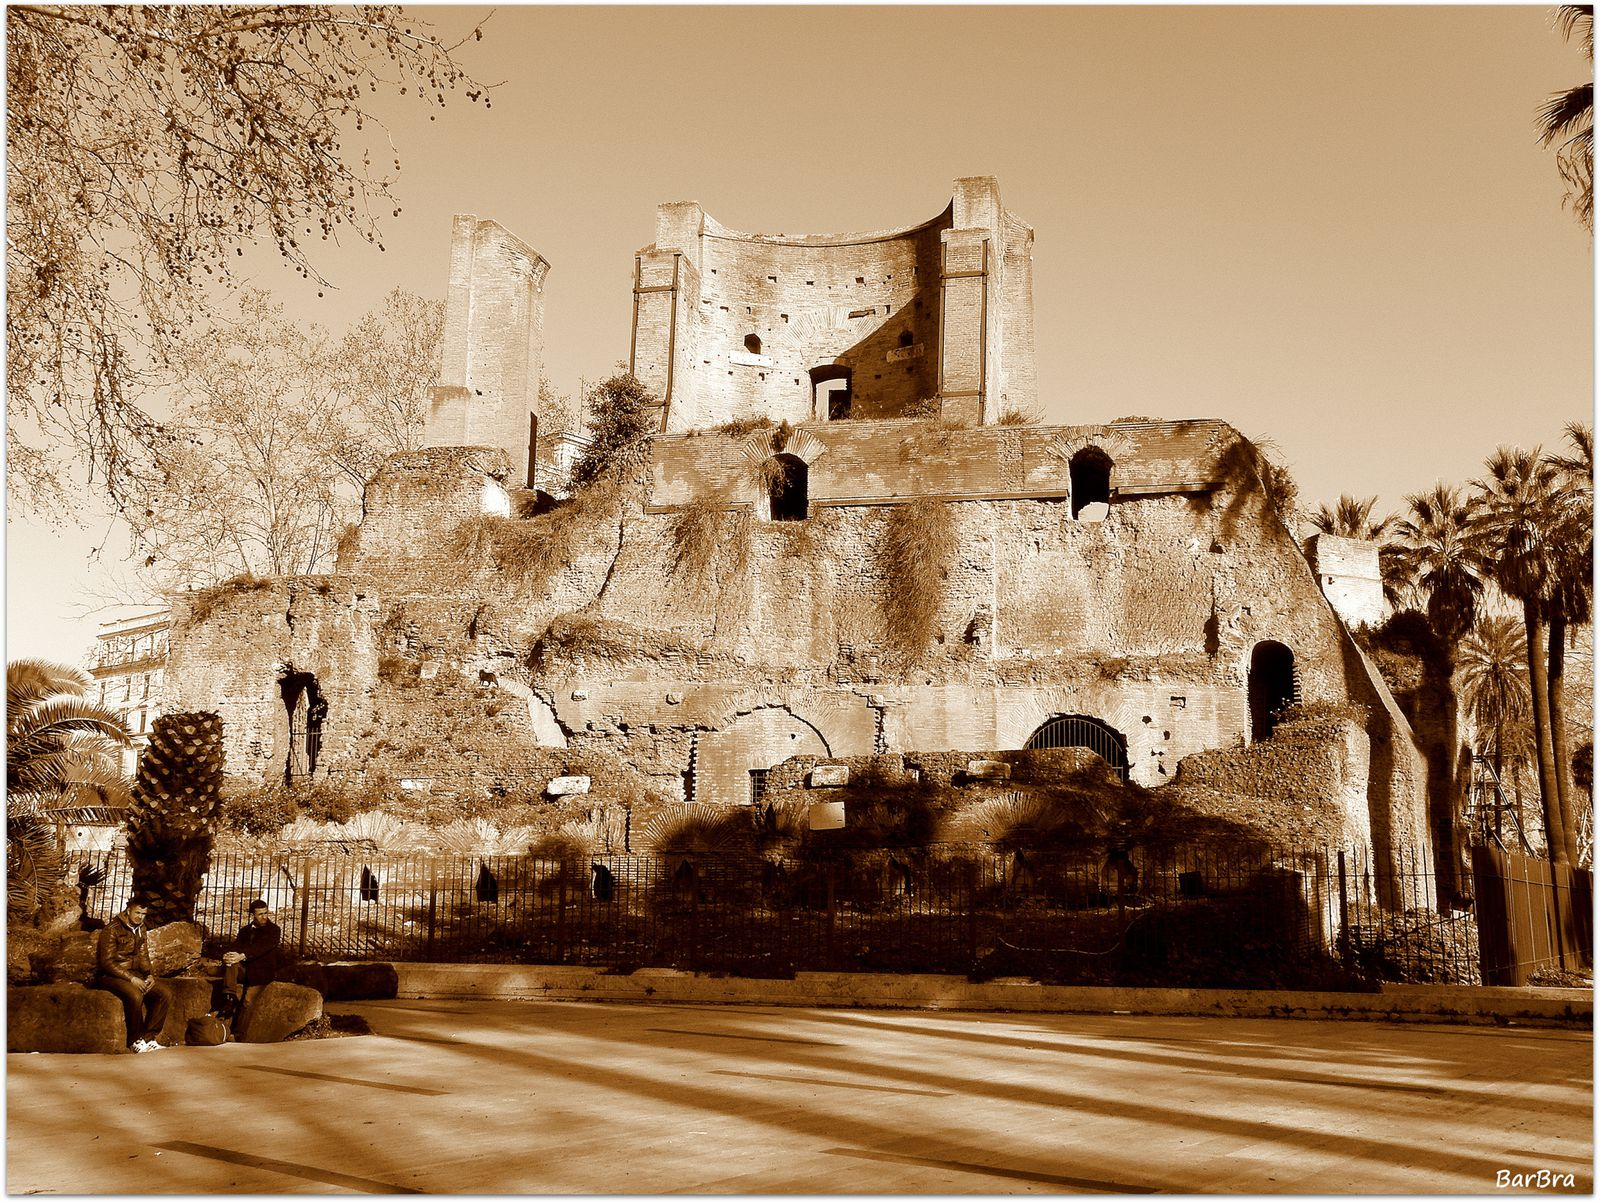 ... là dove una bizzarra Porta Magica ci ricorda che per alcuni secoli questi ruderi hanno fronteggiato la villa barocca del marchese di Palombara ...